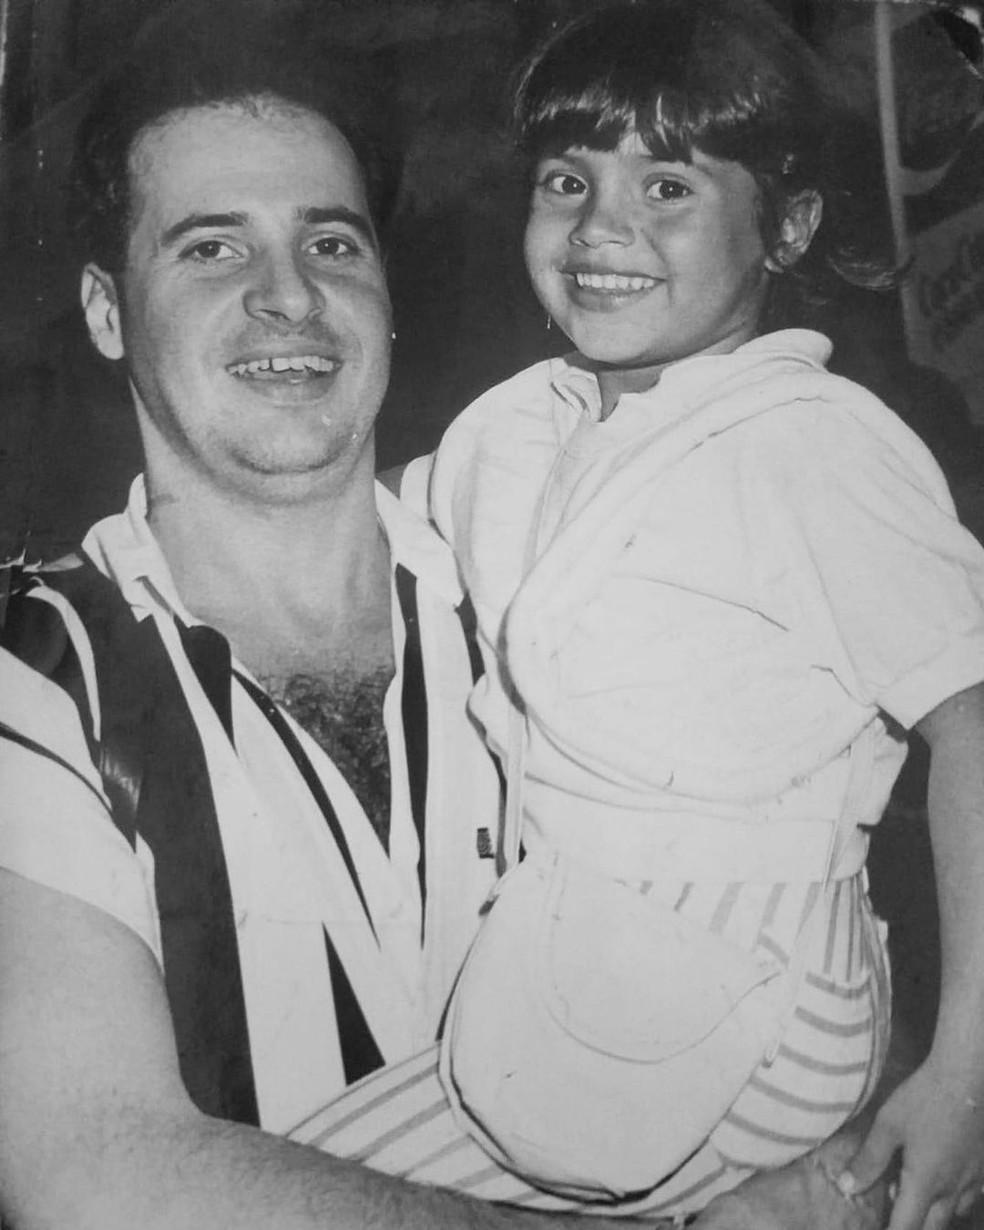 Filha de Paulinho, do Roupa Nova, faz homenagem ao pai: 'Meu amor por toda eternidade' — Foto: Reprodução/Instagram